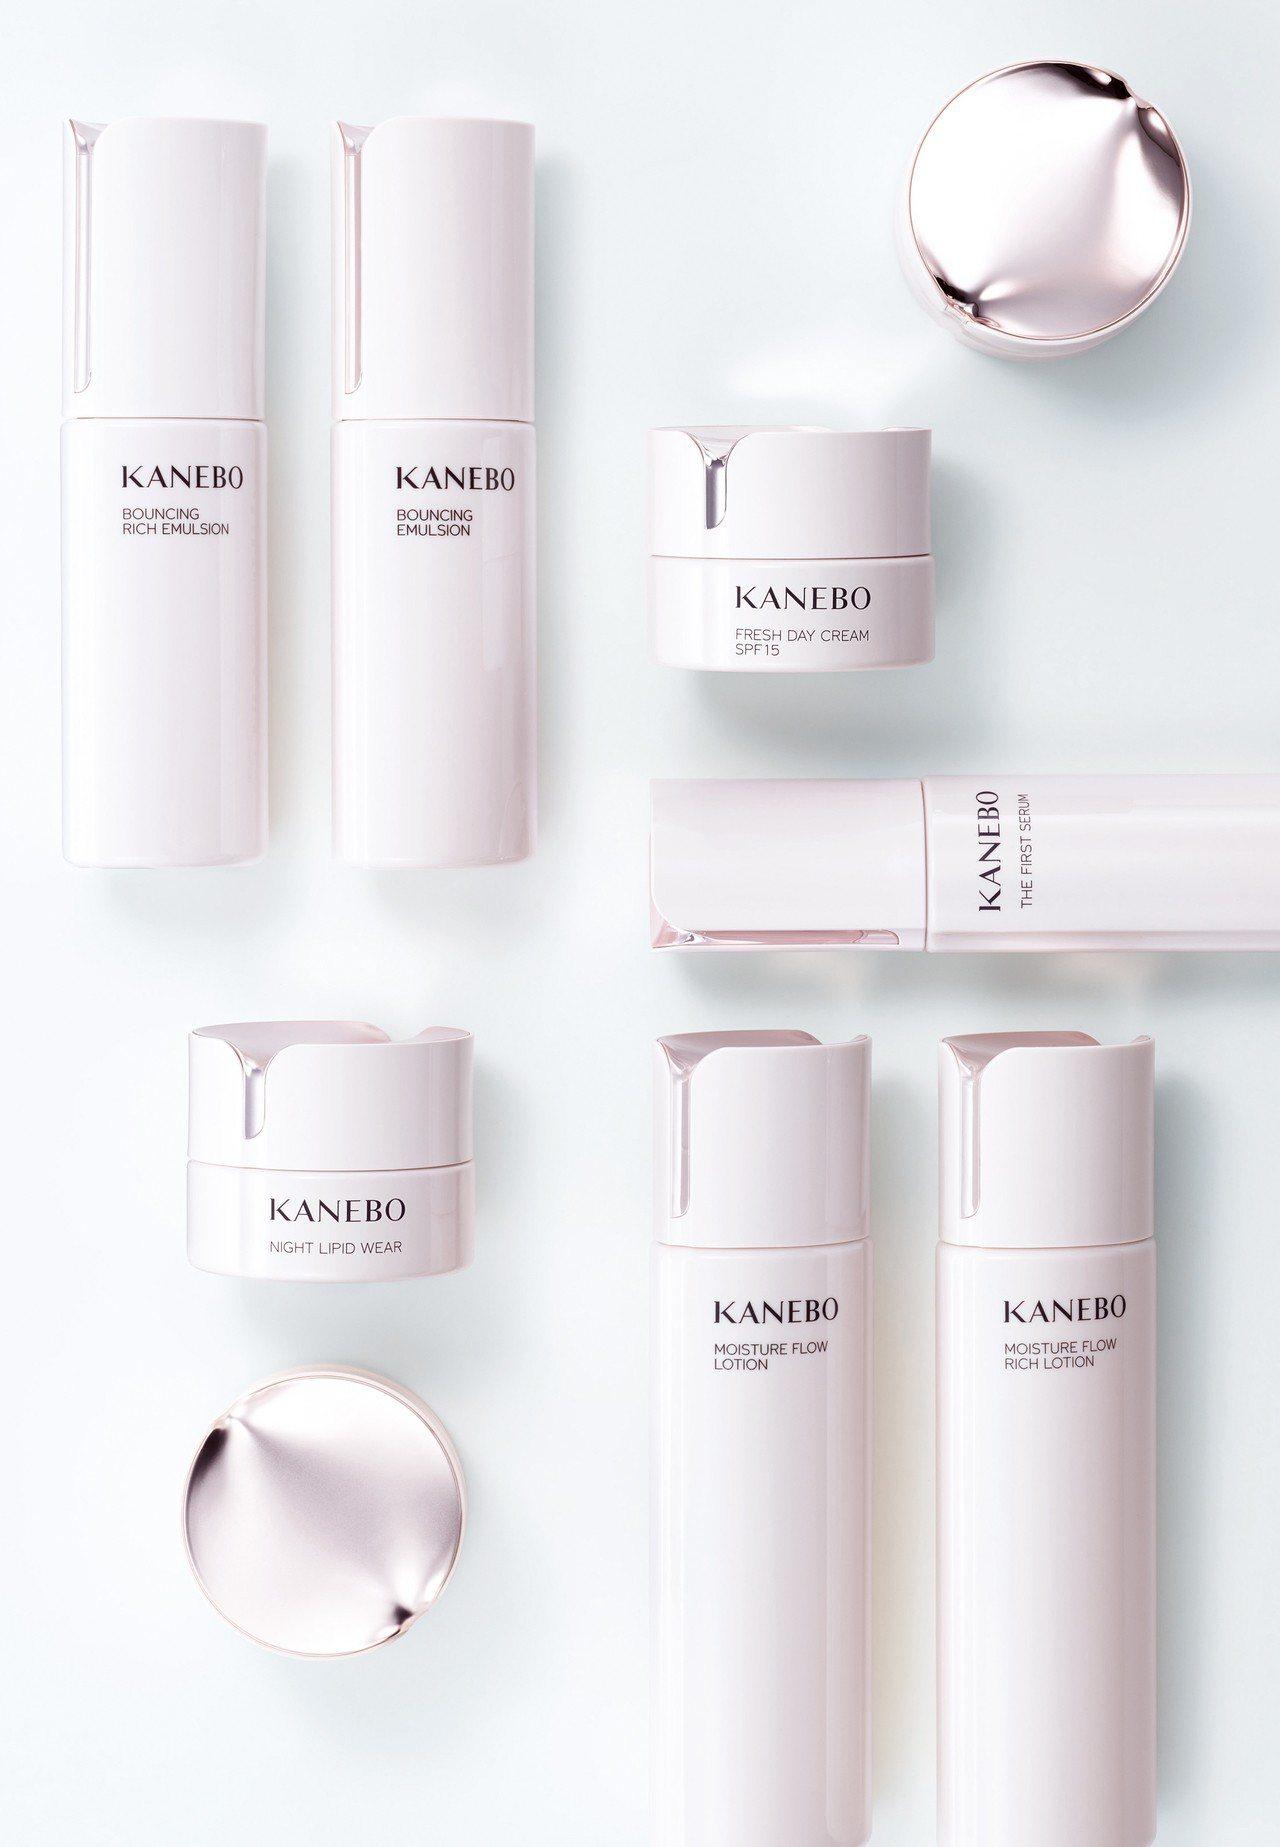 全新「KANEBO」系列保養品有著同時擷取日本與中國茶花所形成的沁雅宜人香氣。 ...